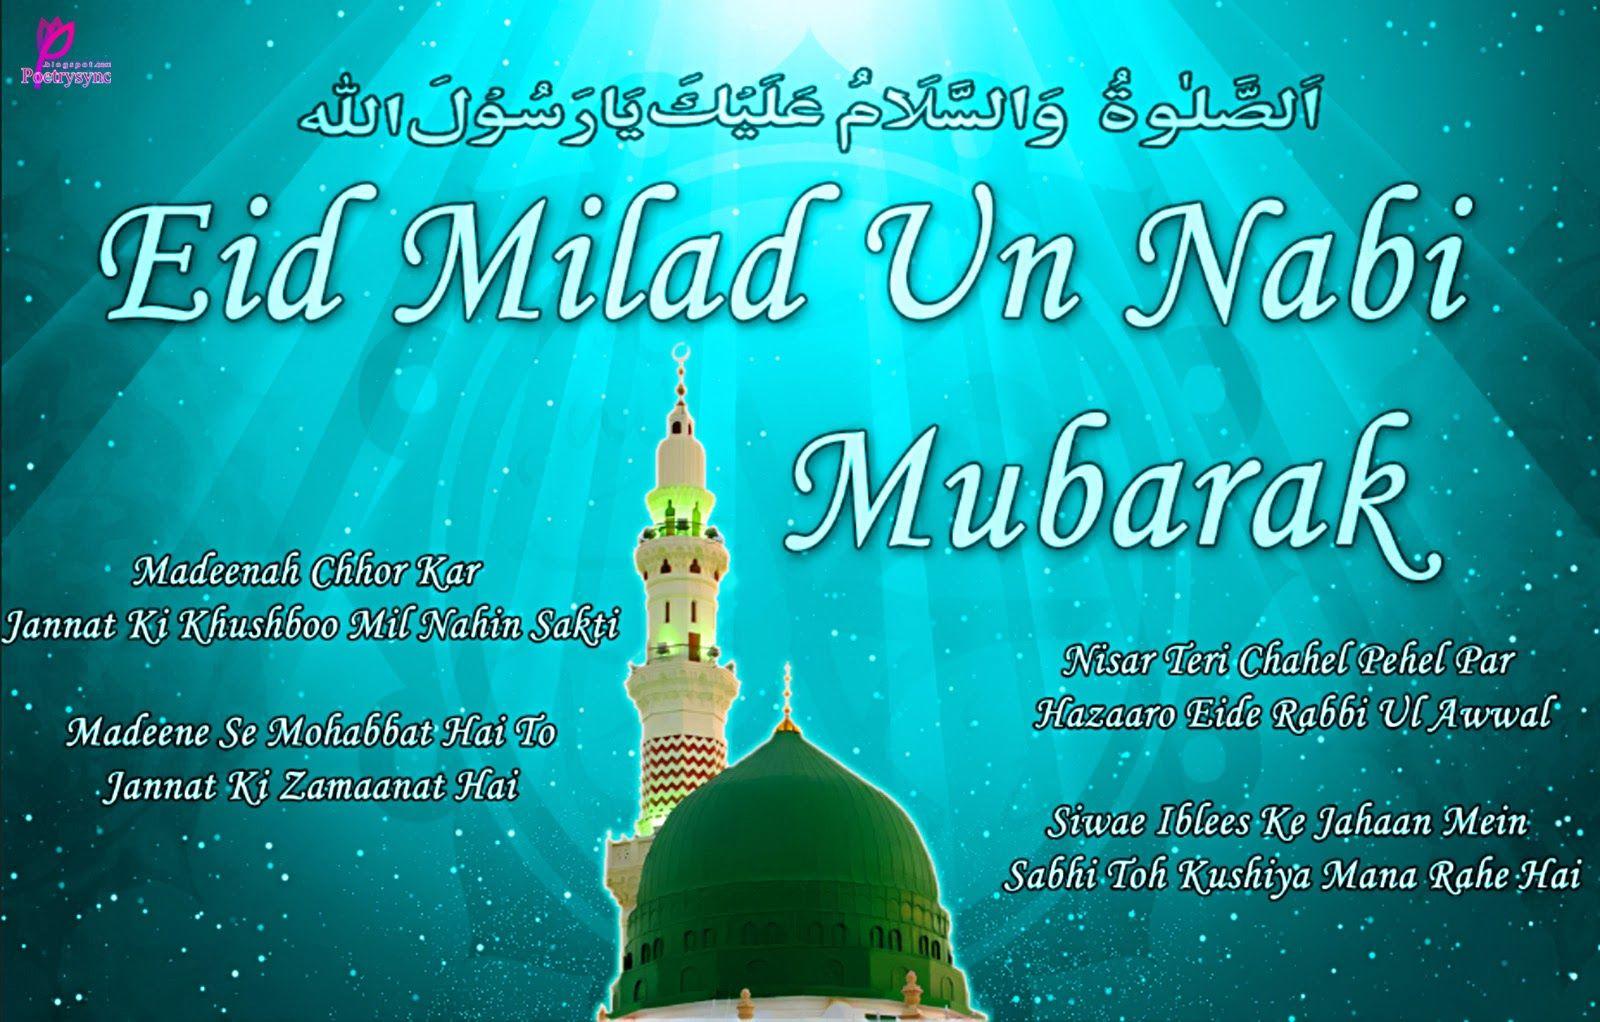 Eid Milad Un Nabi Mubarak 2019 Hd Wallpaper Free Download